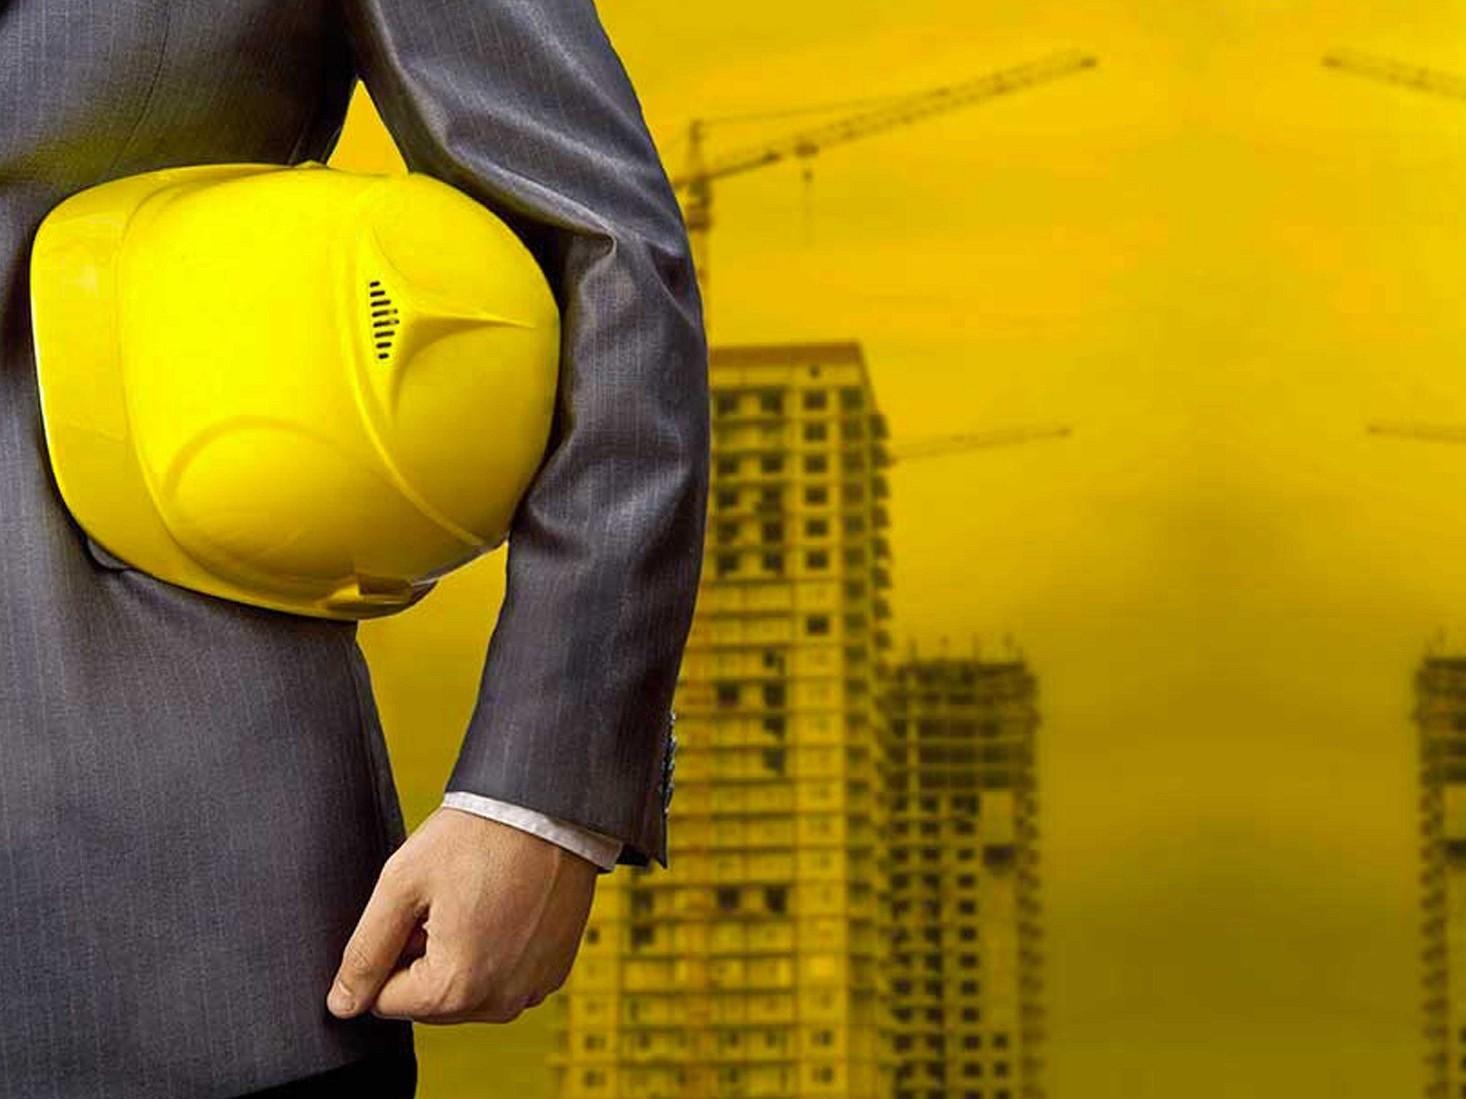 Lavori urgenti in condominio, quando possono essere decisi solo da amministratore o condomino